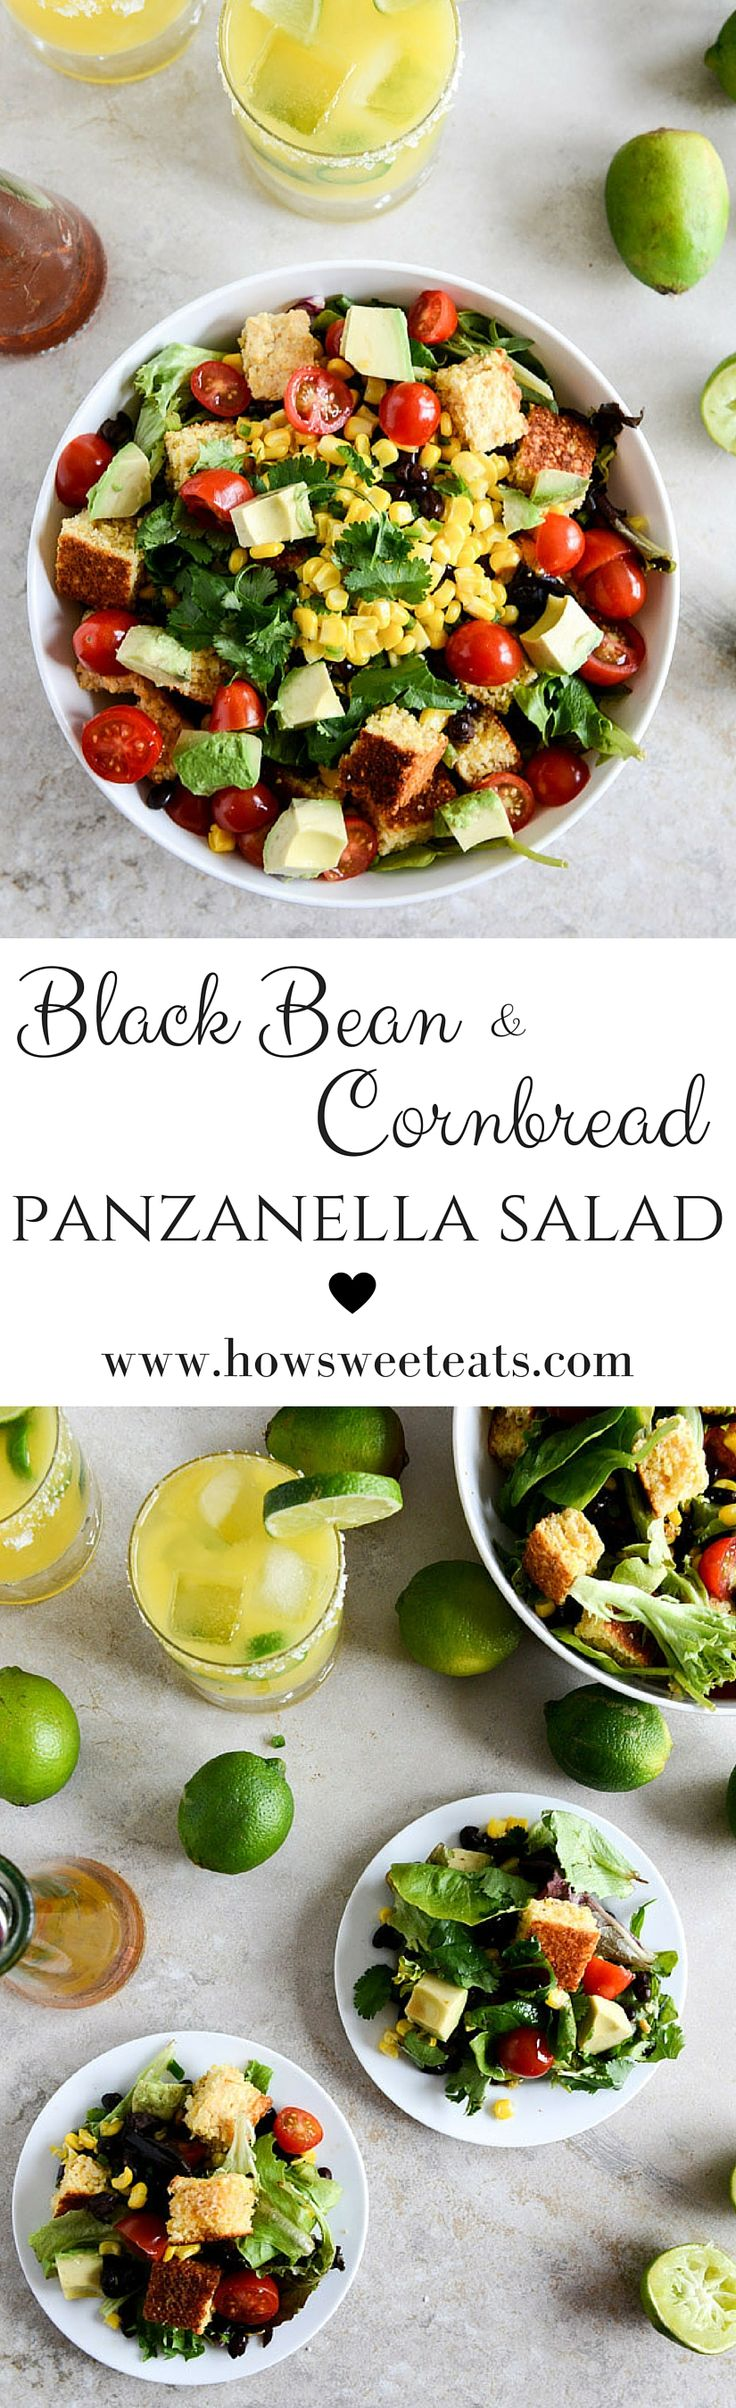 Black Bean Cornbread Panzanella Salad I howsweeteats.com